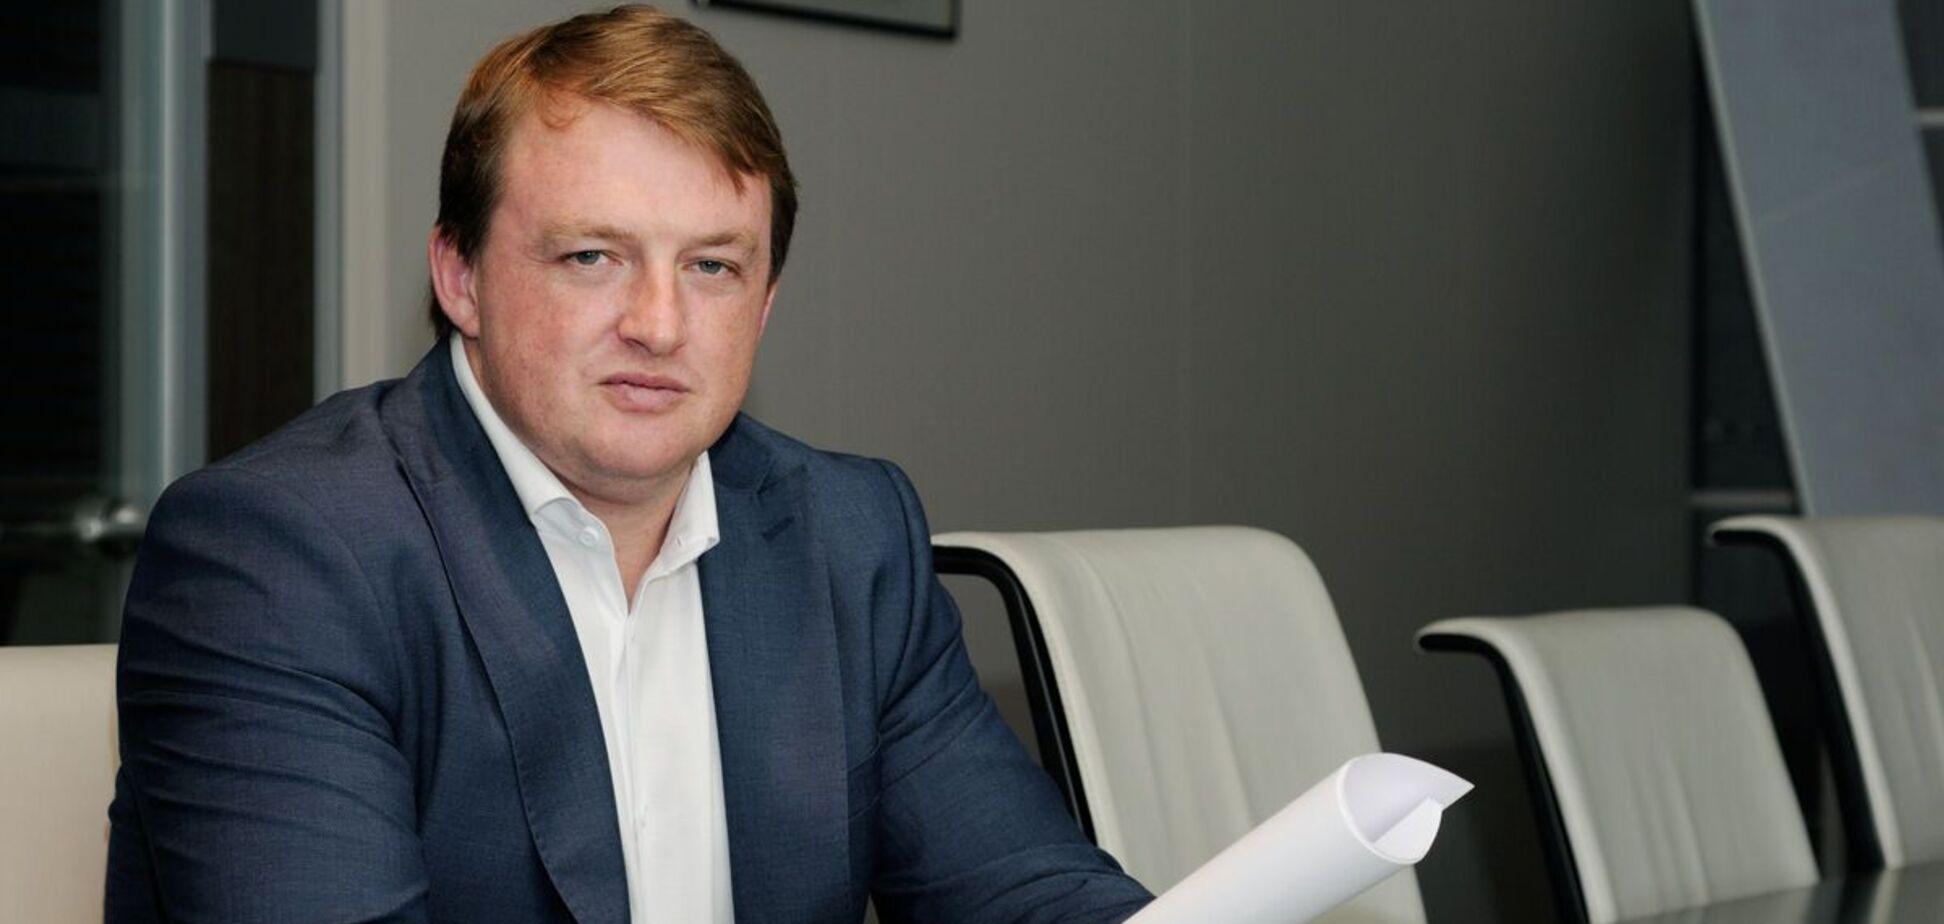 Финансовый аналитик Сергей Фурса назвал условие для спасения экономики Украины при локдауне